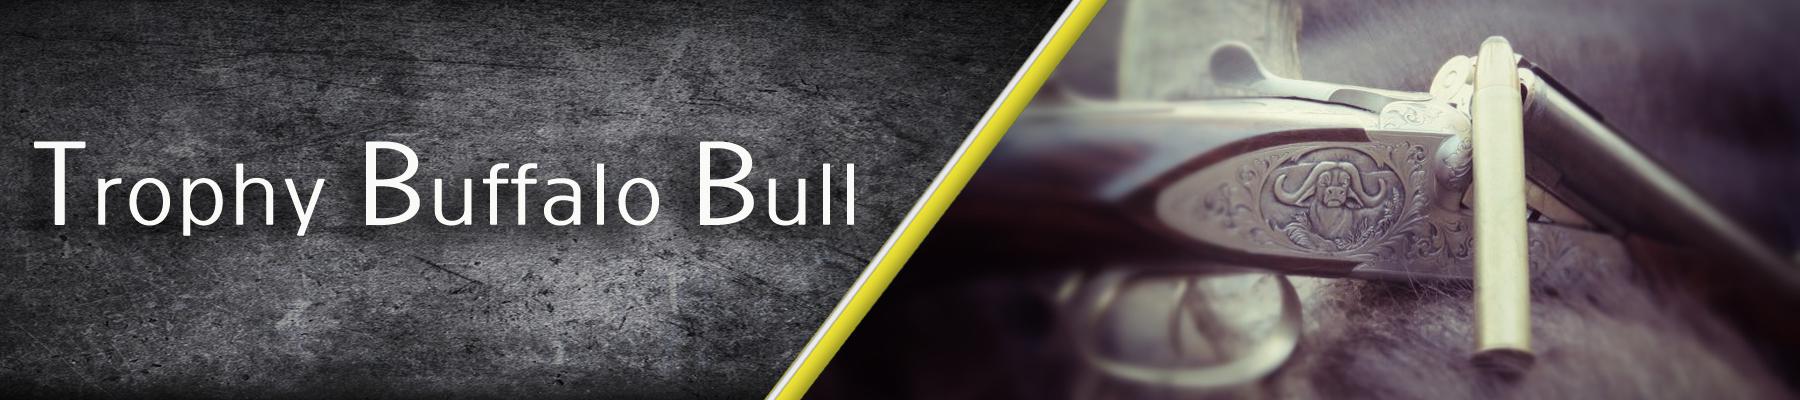 Buffal-Bull